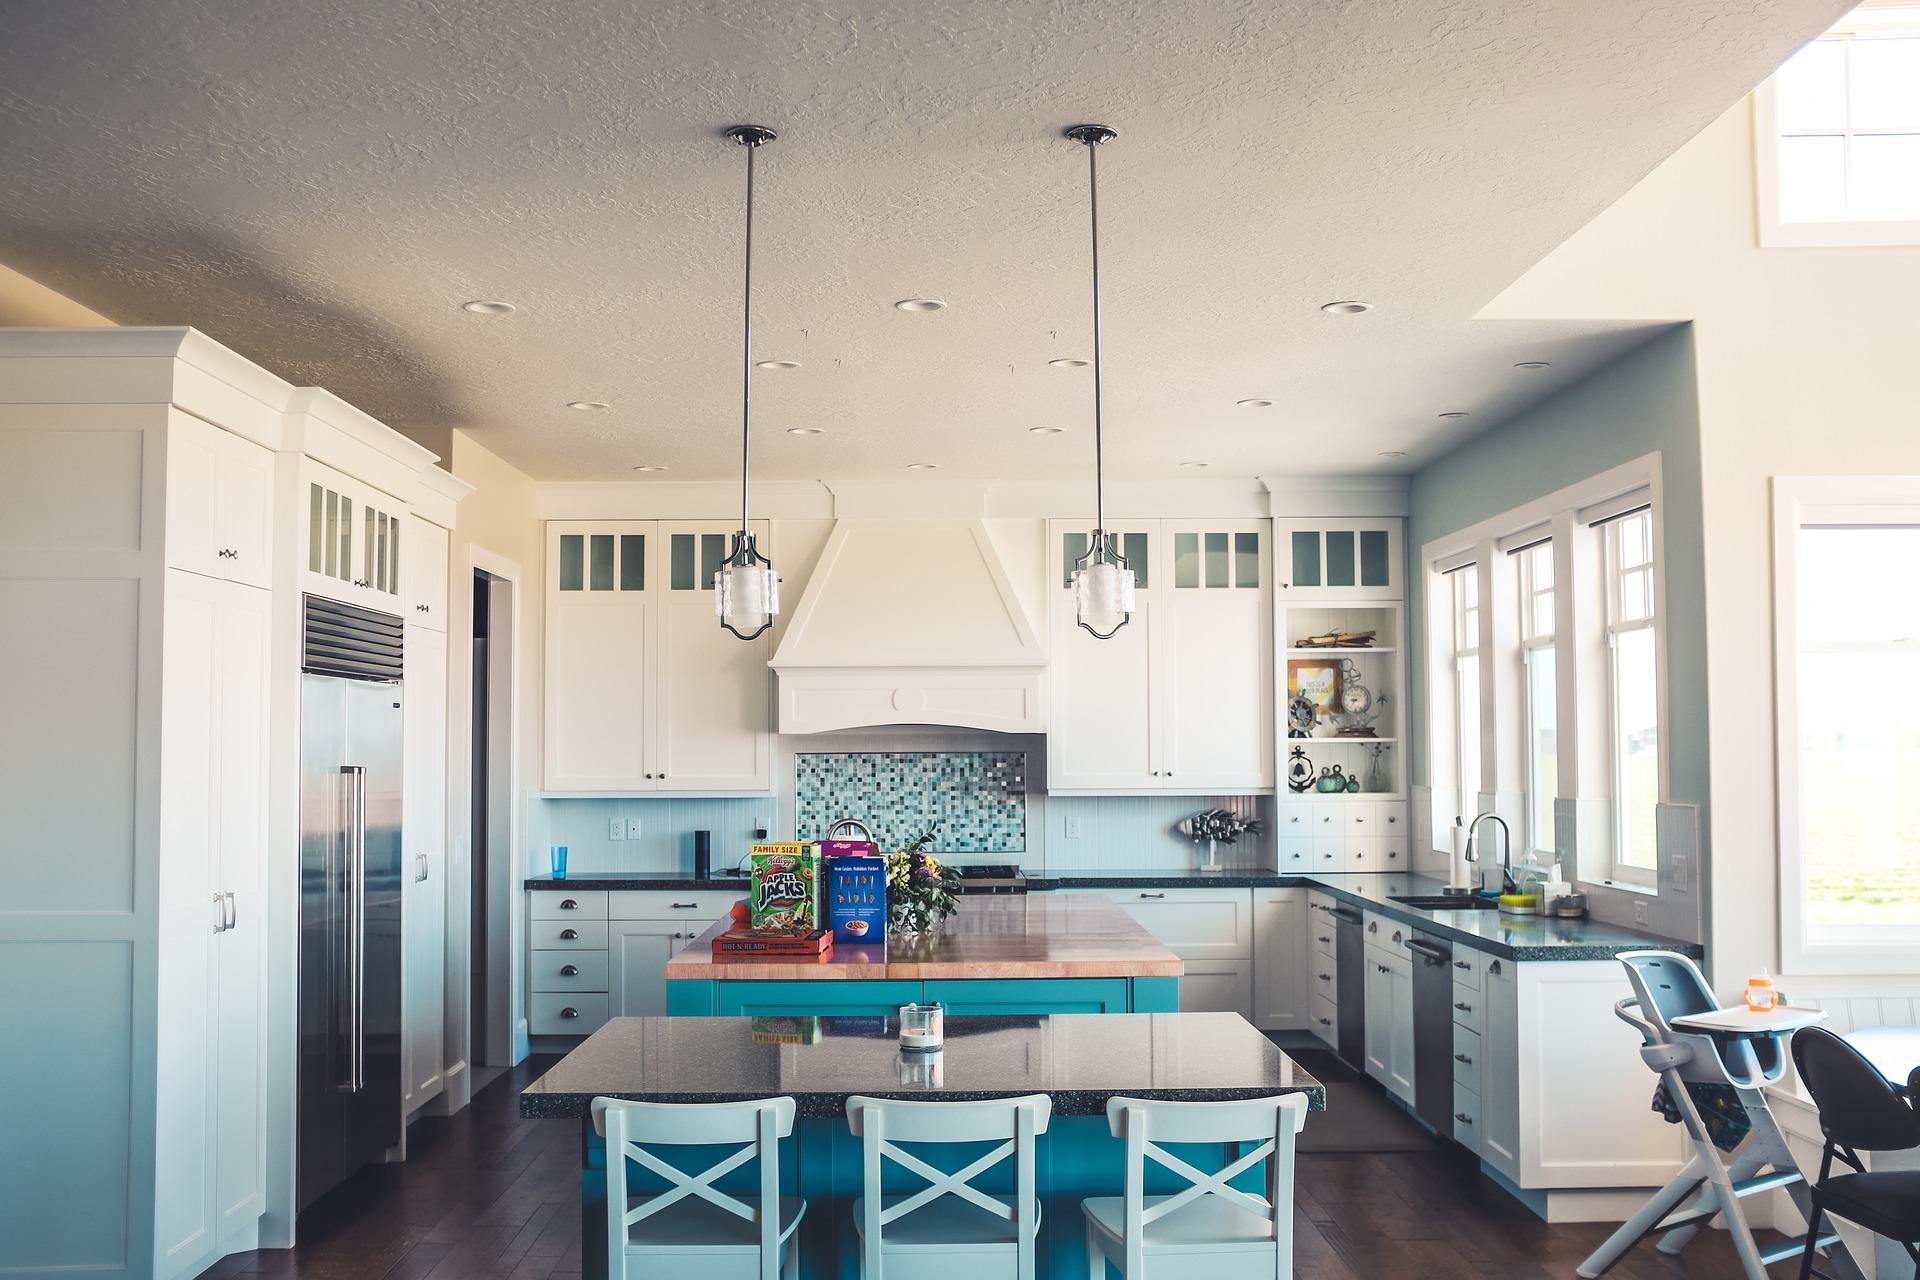 consejos-para-darle-un-nuevo-aire-a-la-cocina-sin-obras